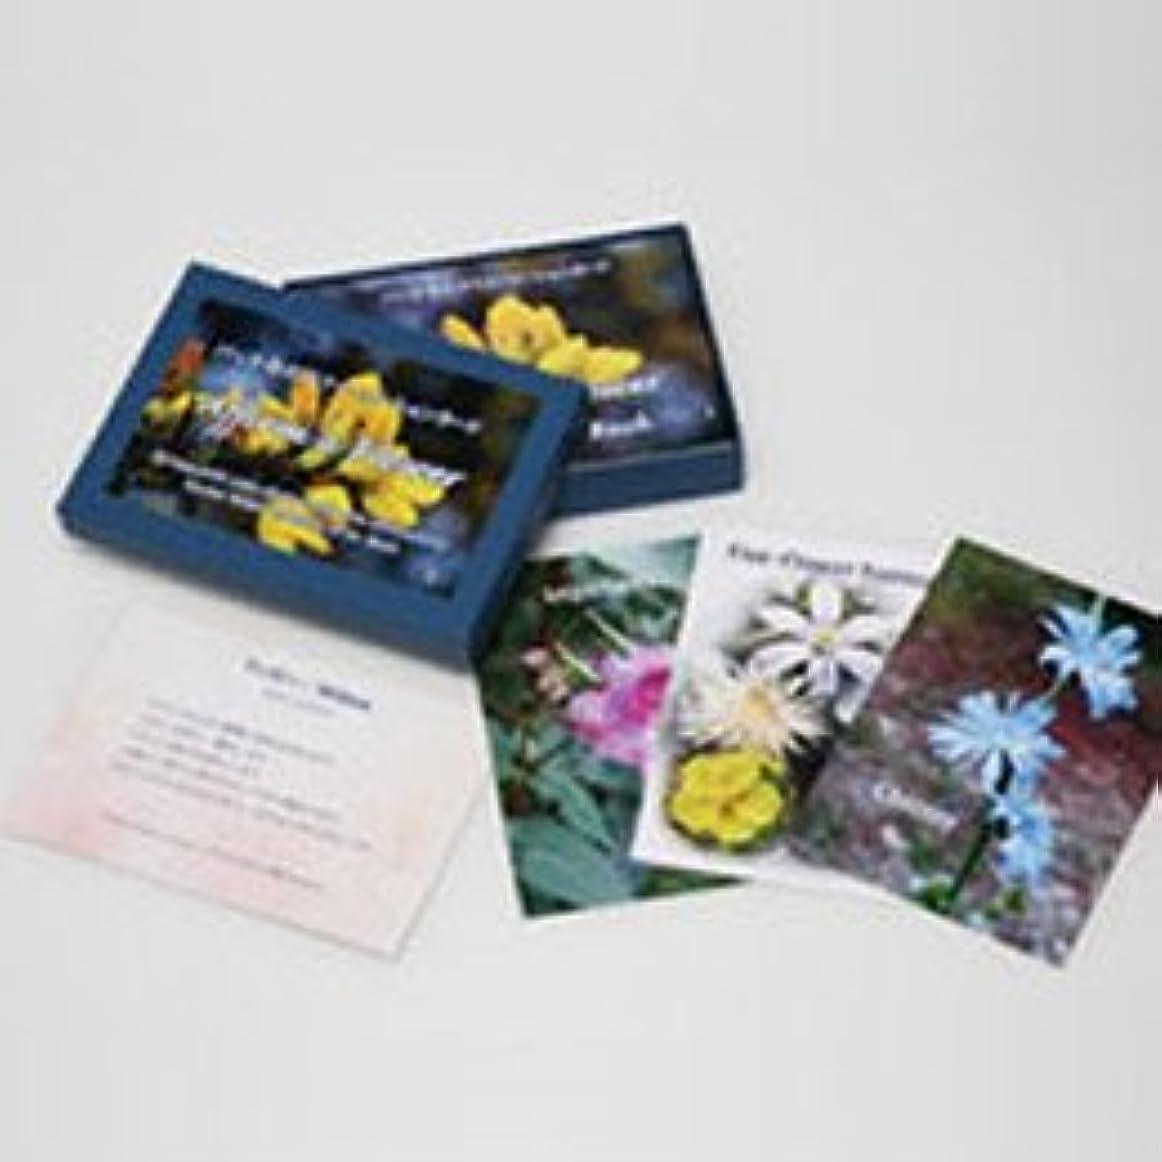 談話厳しい複合バッチアファメーションカード(38枚) 日本国内正規品